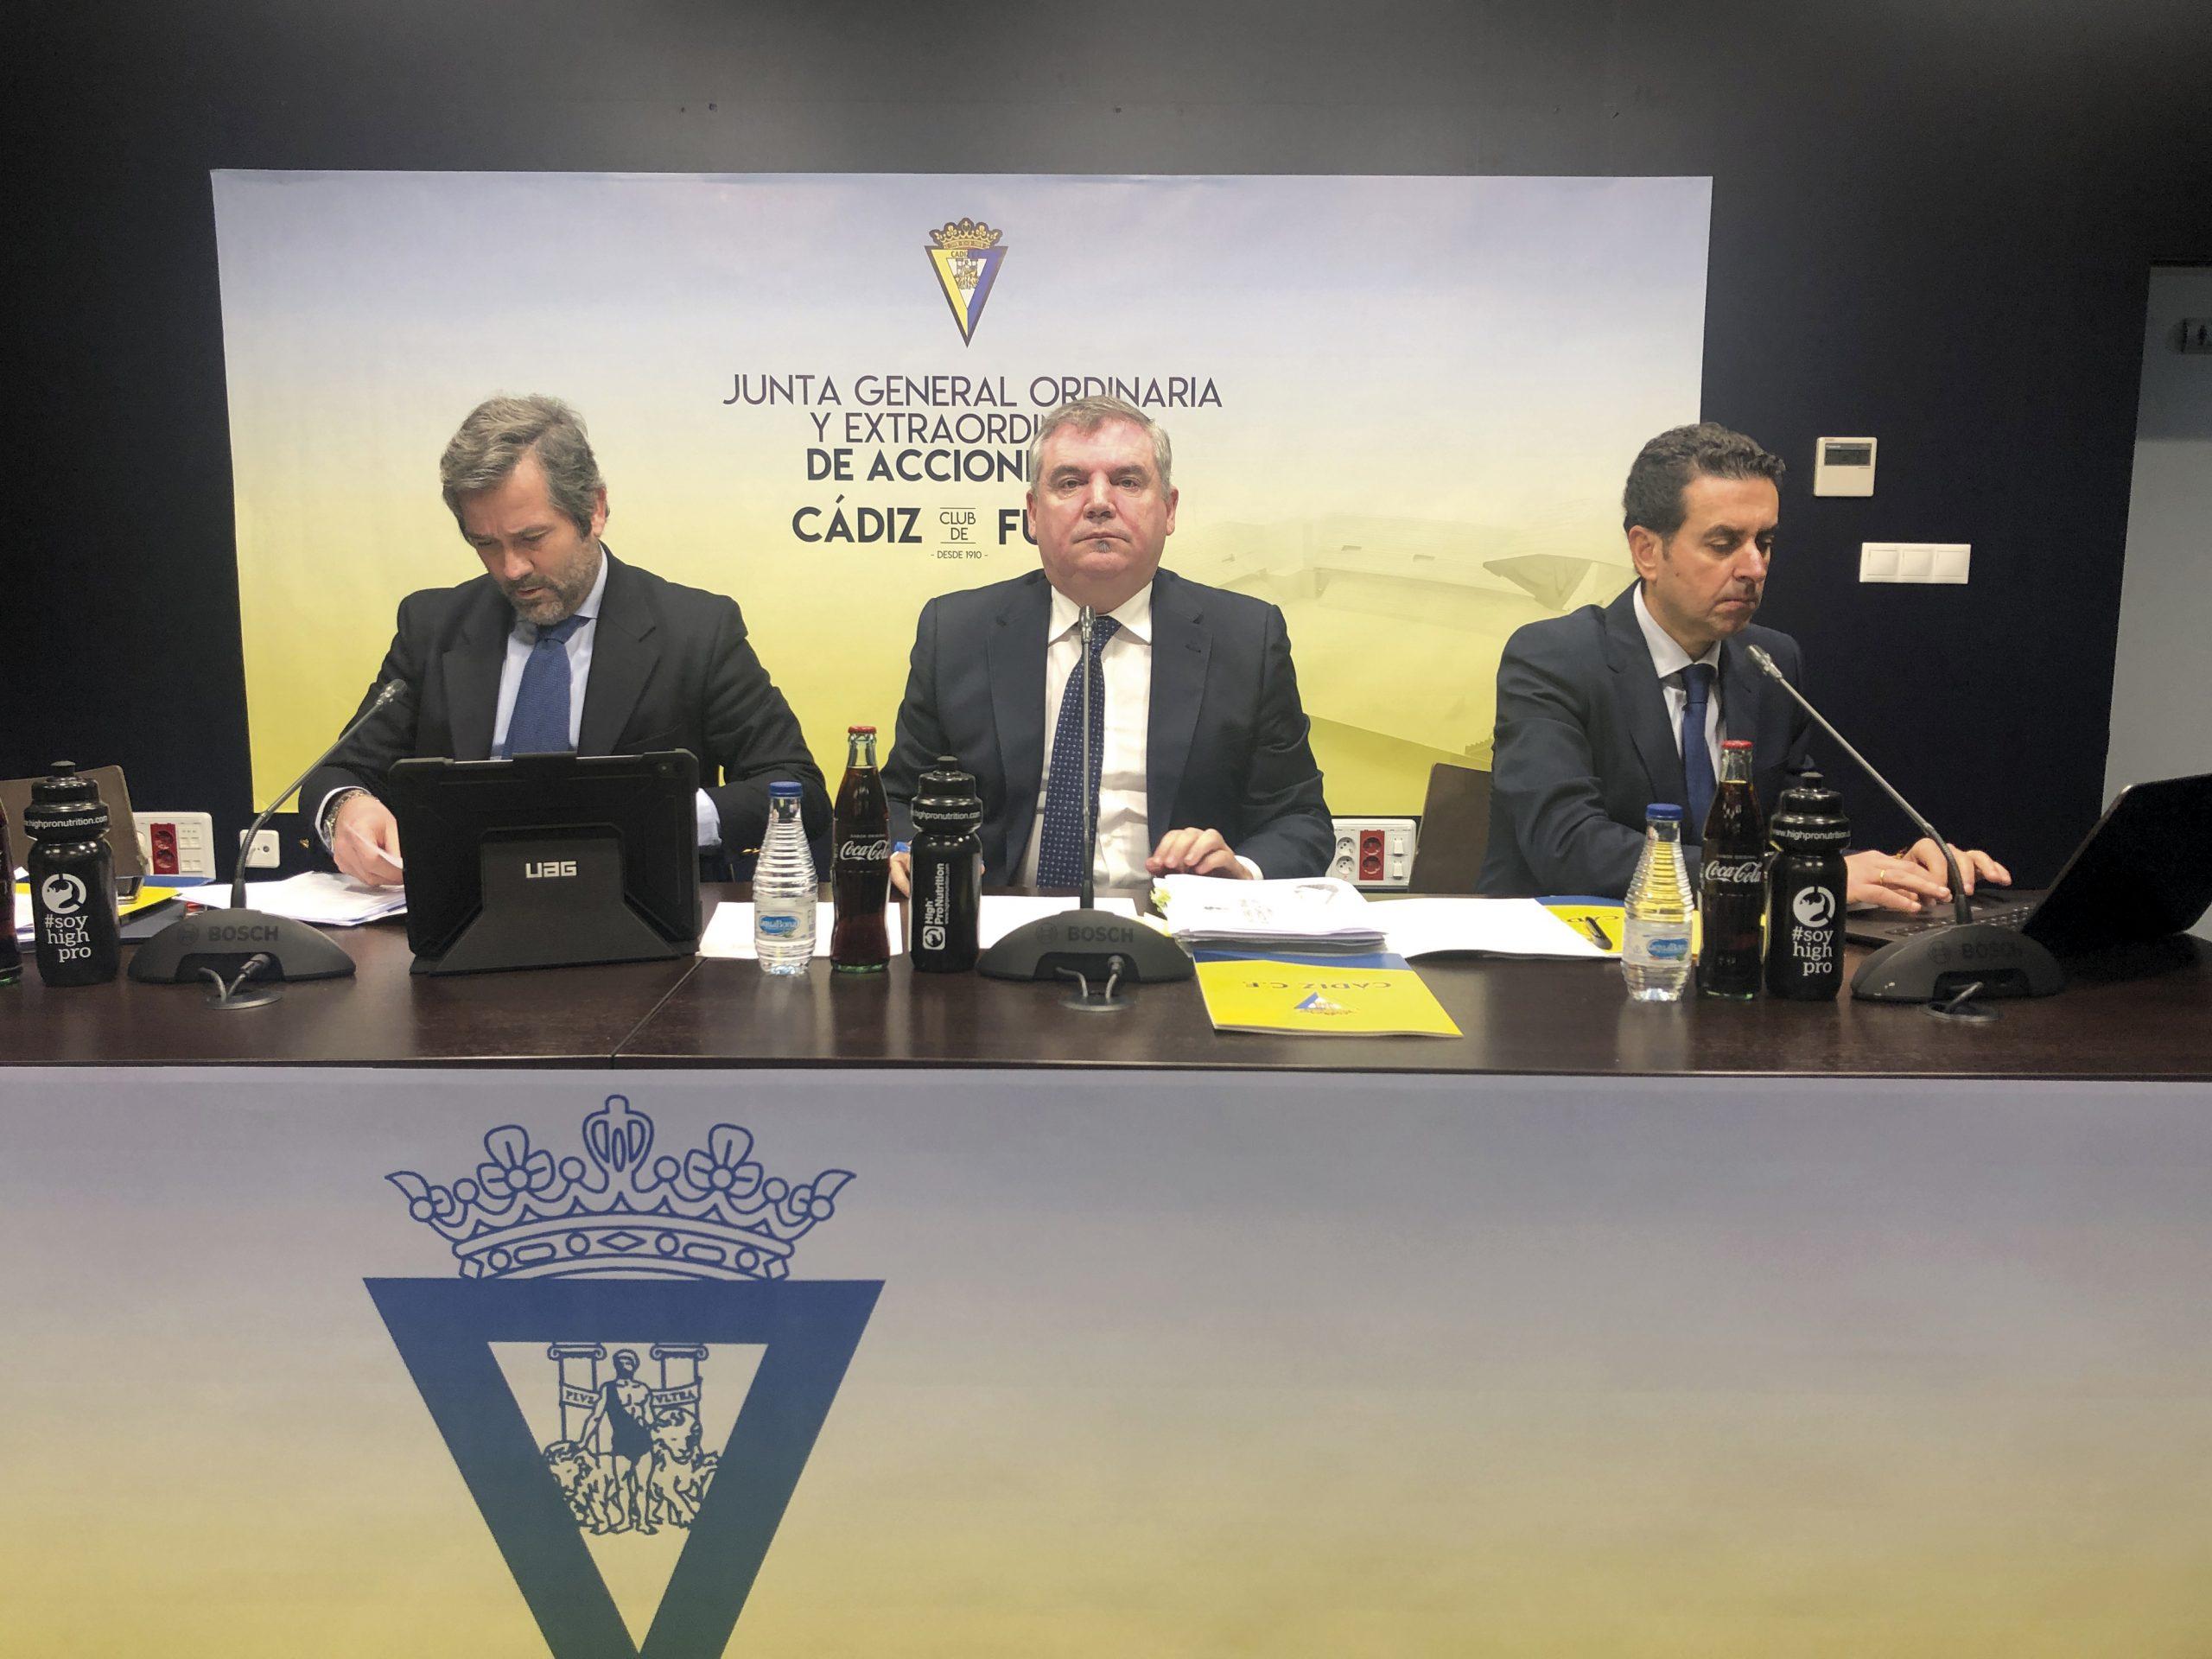 El norteamericano sólo compró un 2% de las acciones del Cádiz